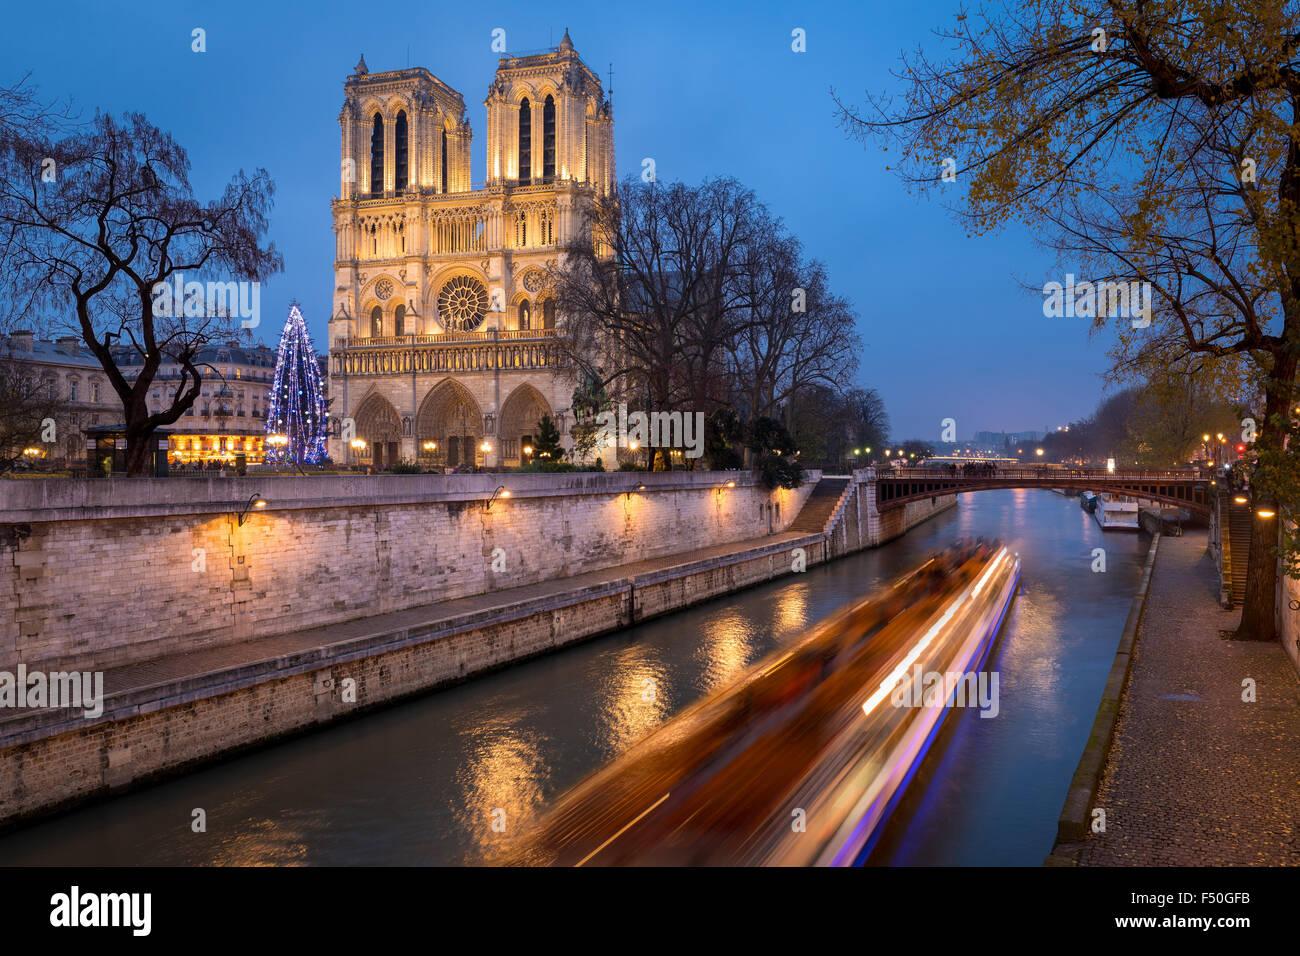 Kathedrale Notre Dame de Paris und Weihnachtsbaum Beleuchtung abends mit dem Seineufer, Ile De La Cite, Paris, Frankreich Stockfoto